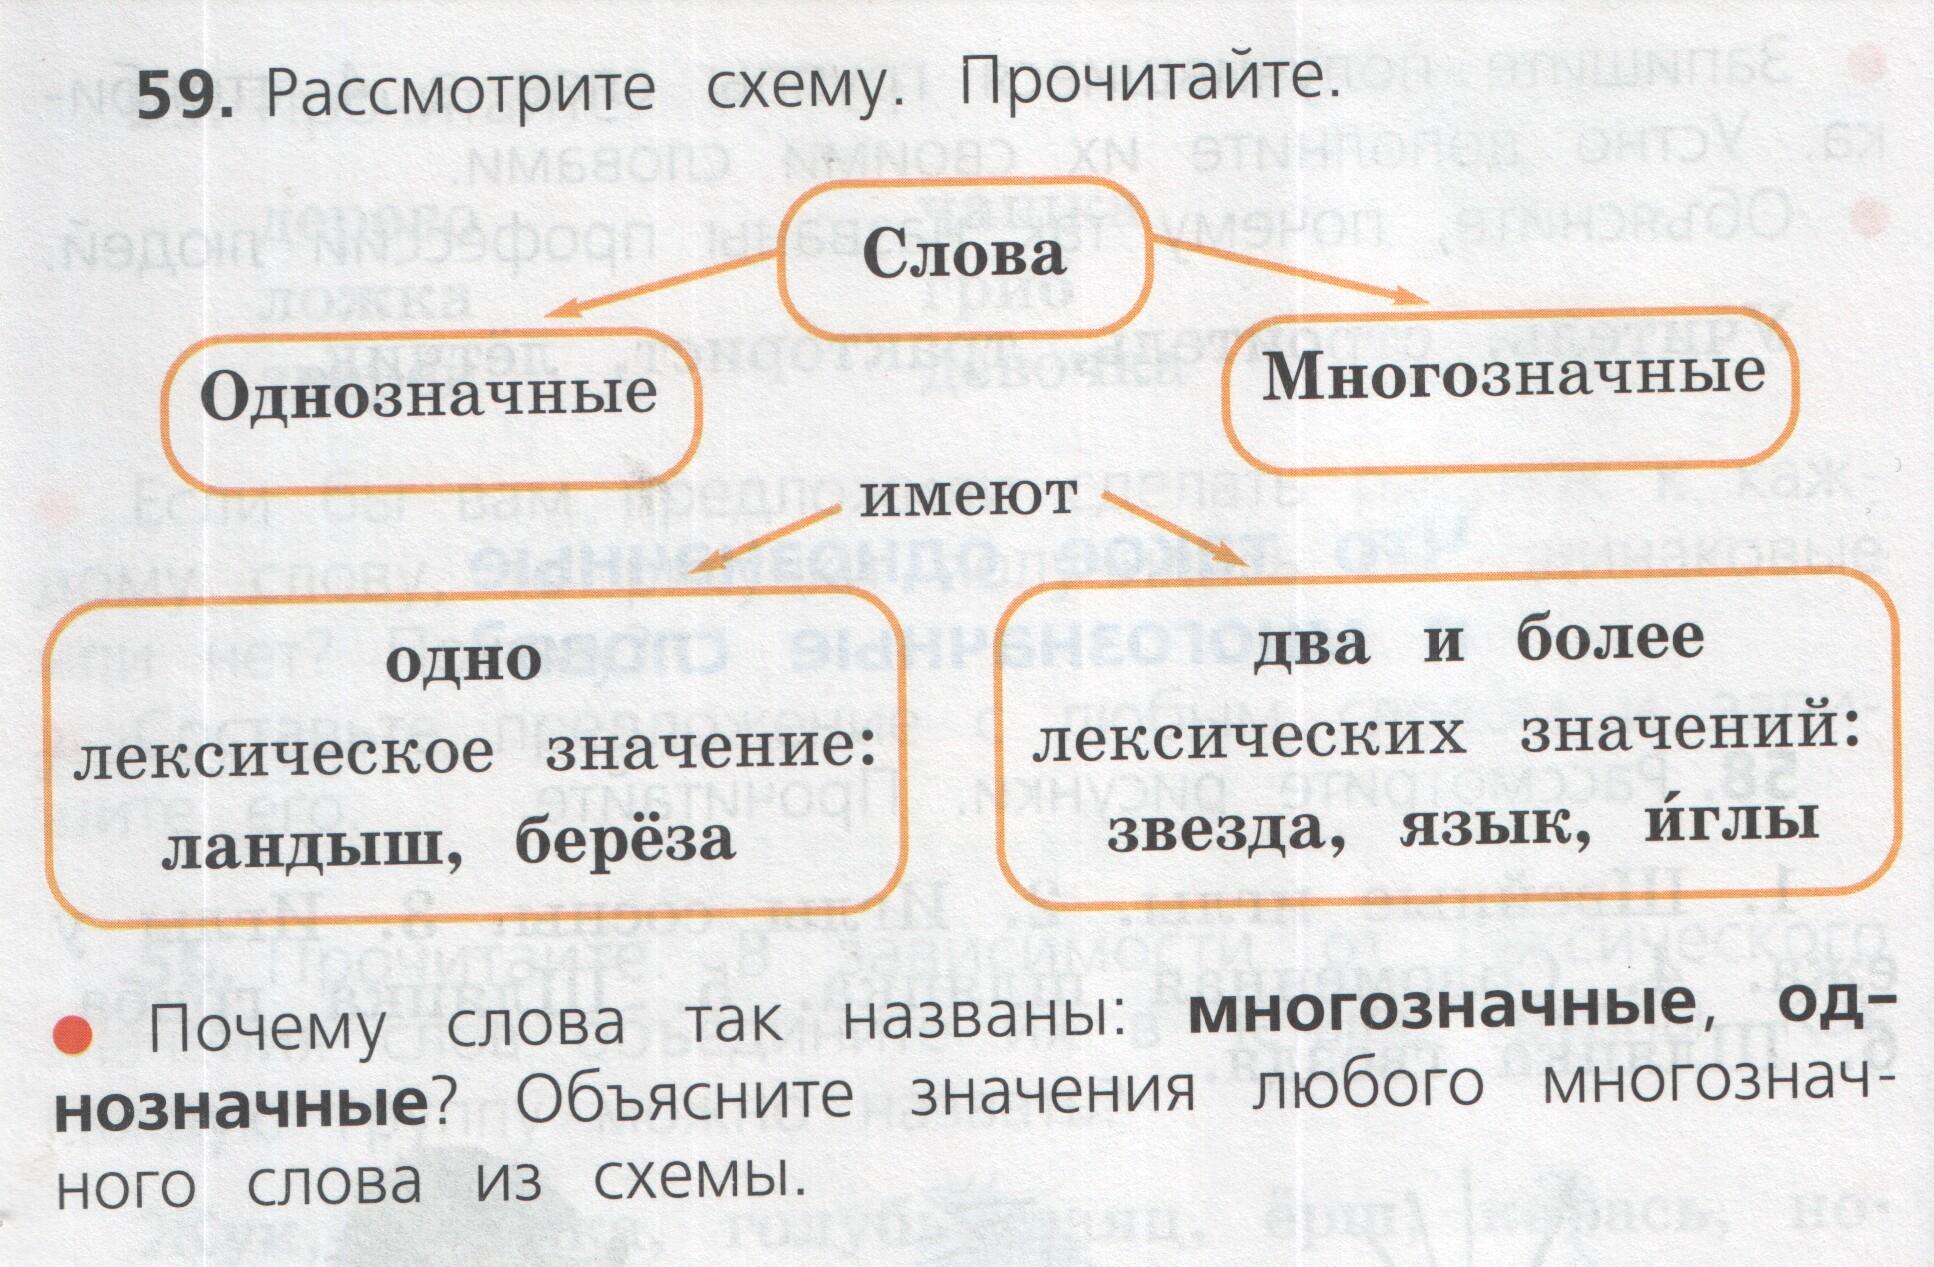 C:\Users\Nik\Desktop\Scan-111009-0001.jpg